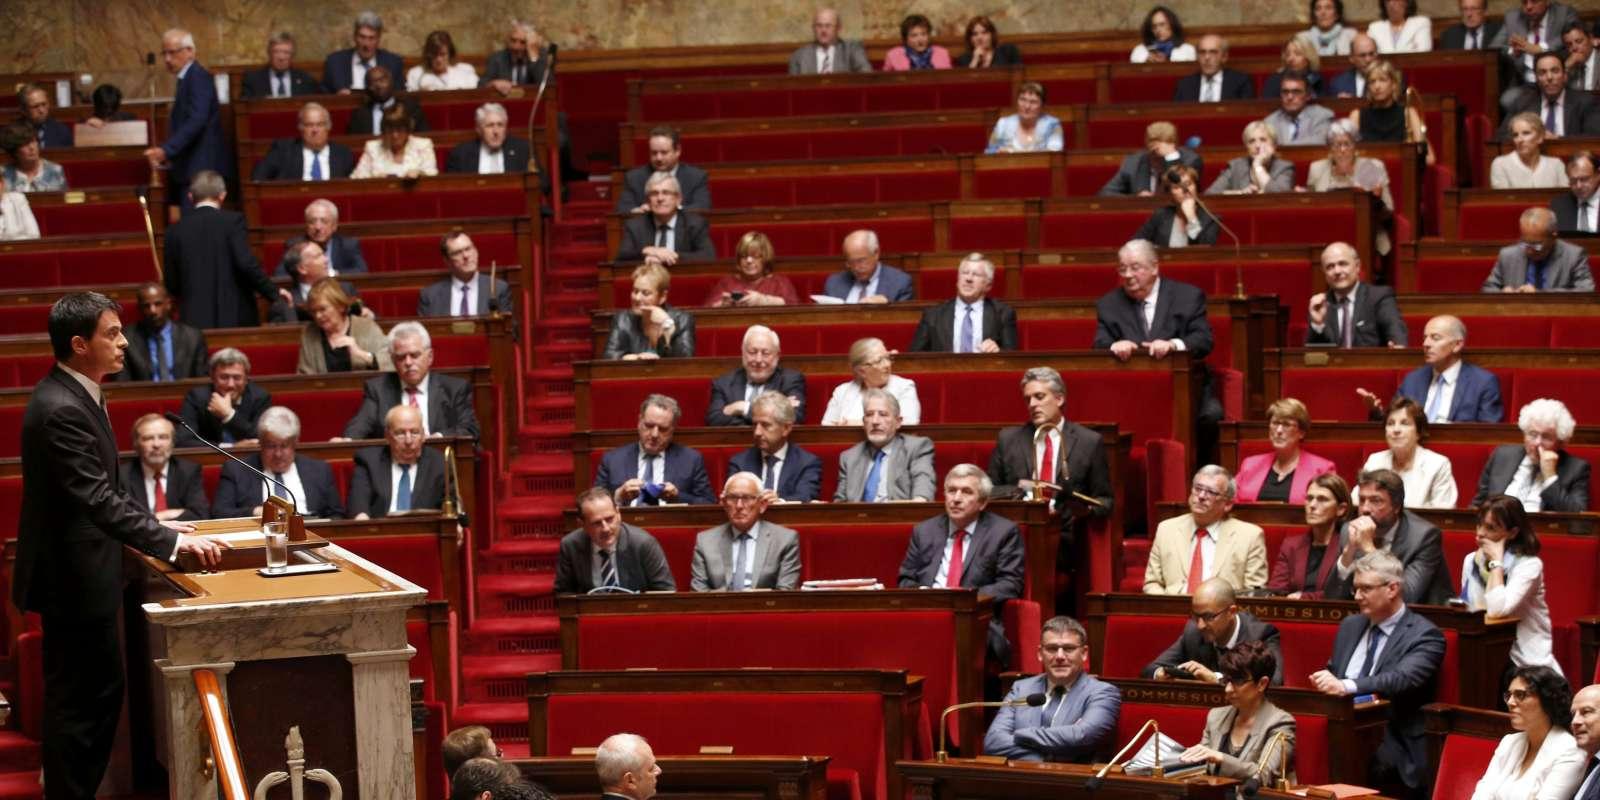 Le premier ministre Manuel Valls annonce que le gouvernement va à nouveau utiliser l'article 49 alinéat 3 de la Constitution pour faire voter le projet de loi travail, mardi 5 juillet à l'Assemblée nationale.